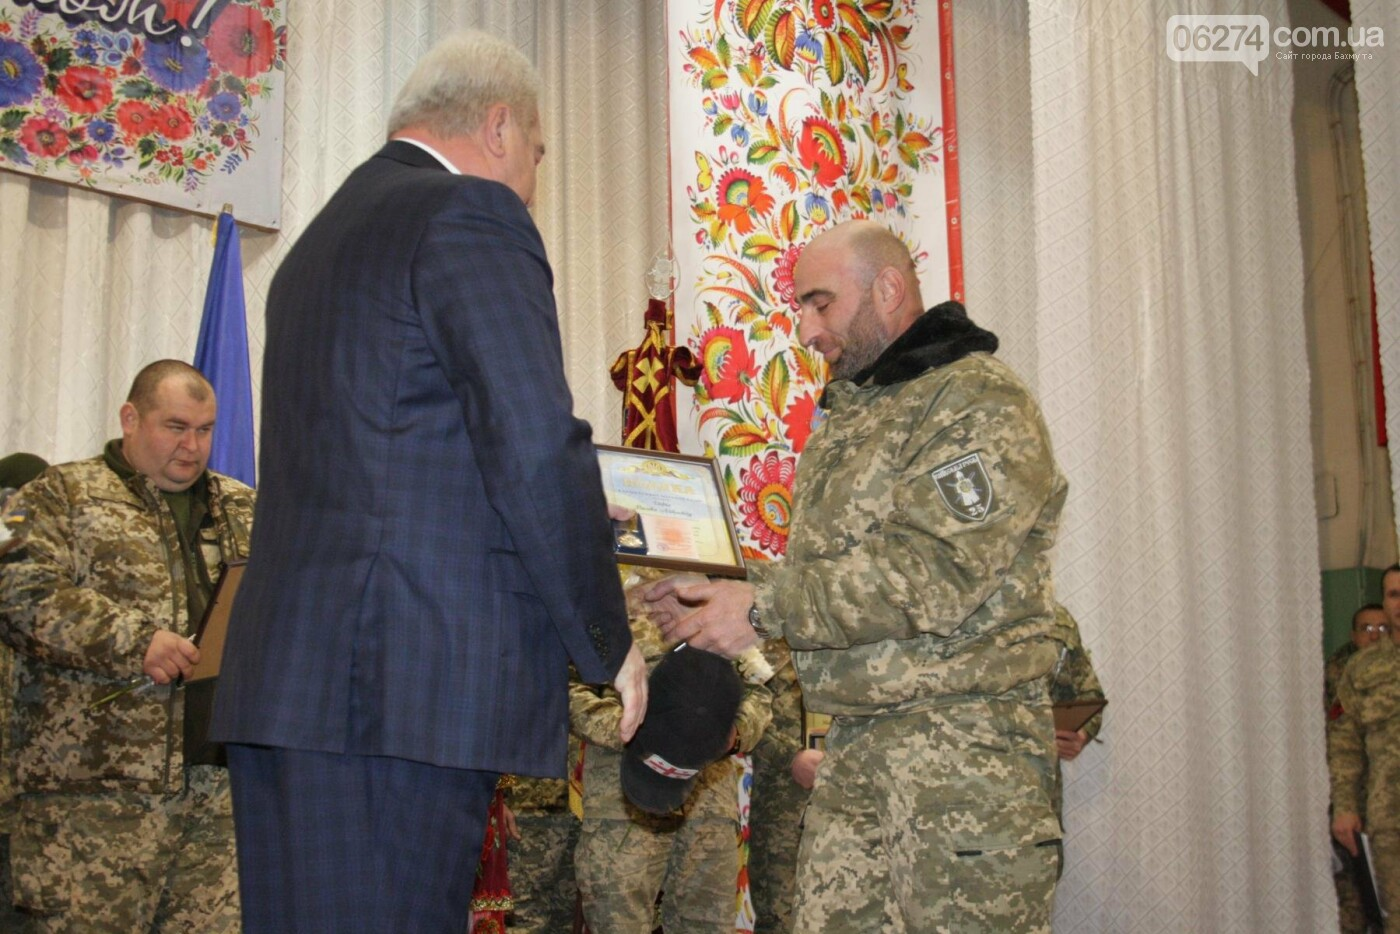 В Бахмуте поздравили военнослужащих с Днем ВСУ, фото-10